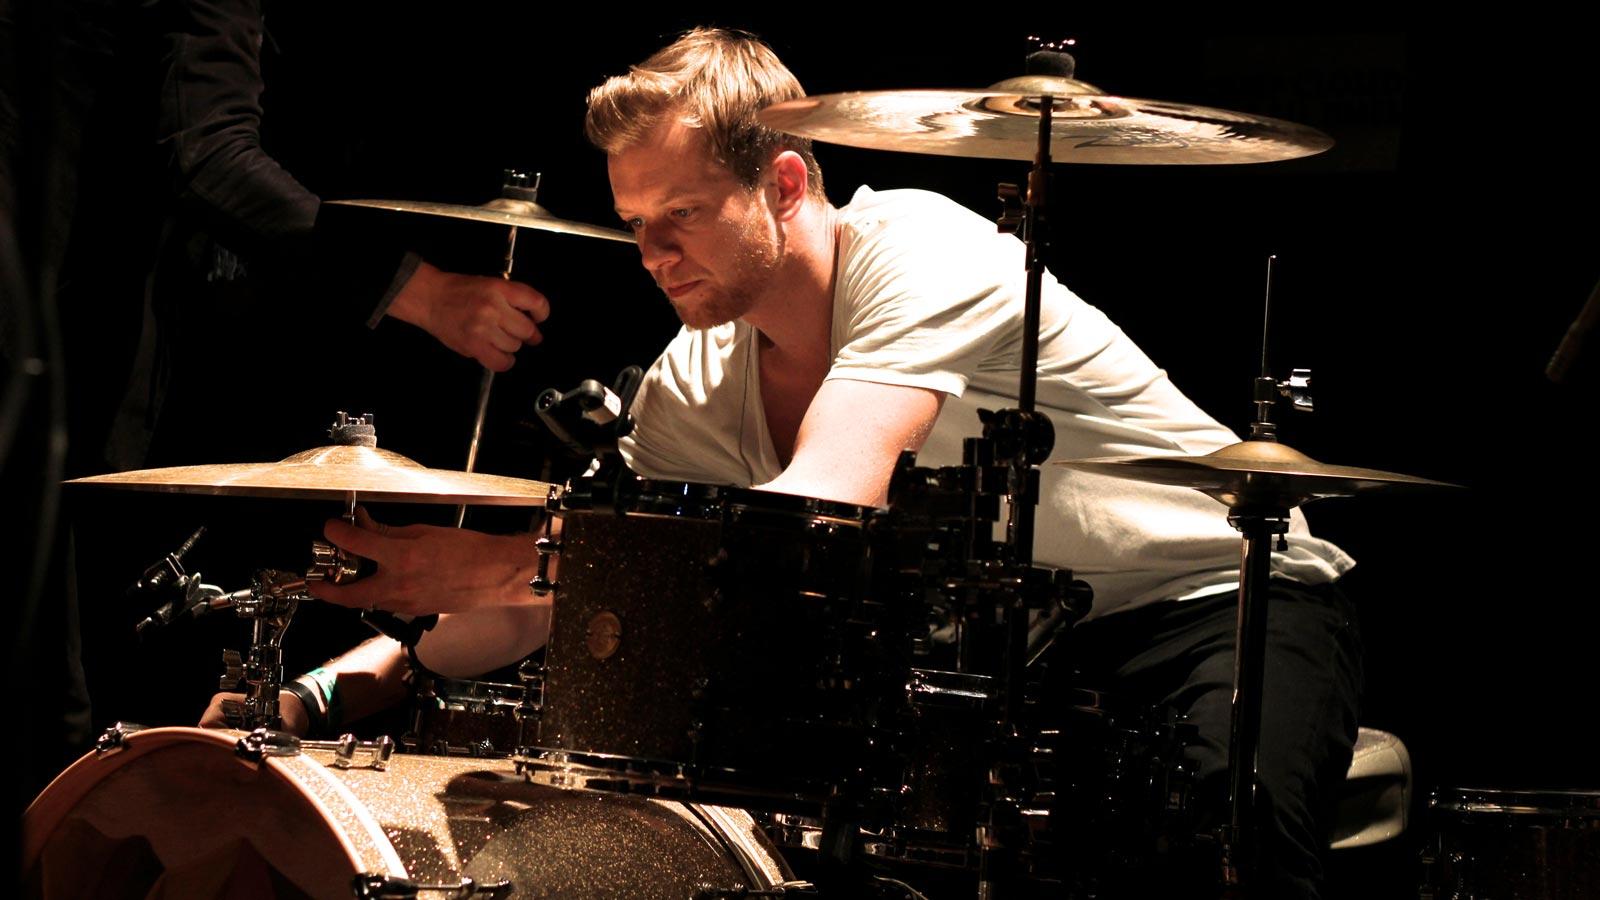 Drum-Kit.jpg